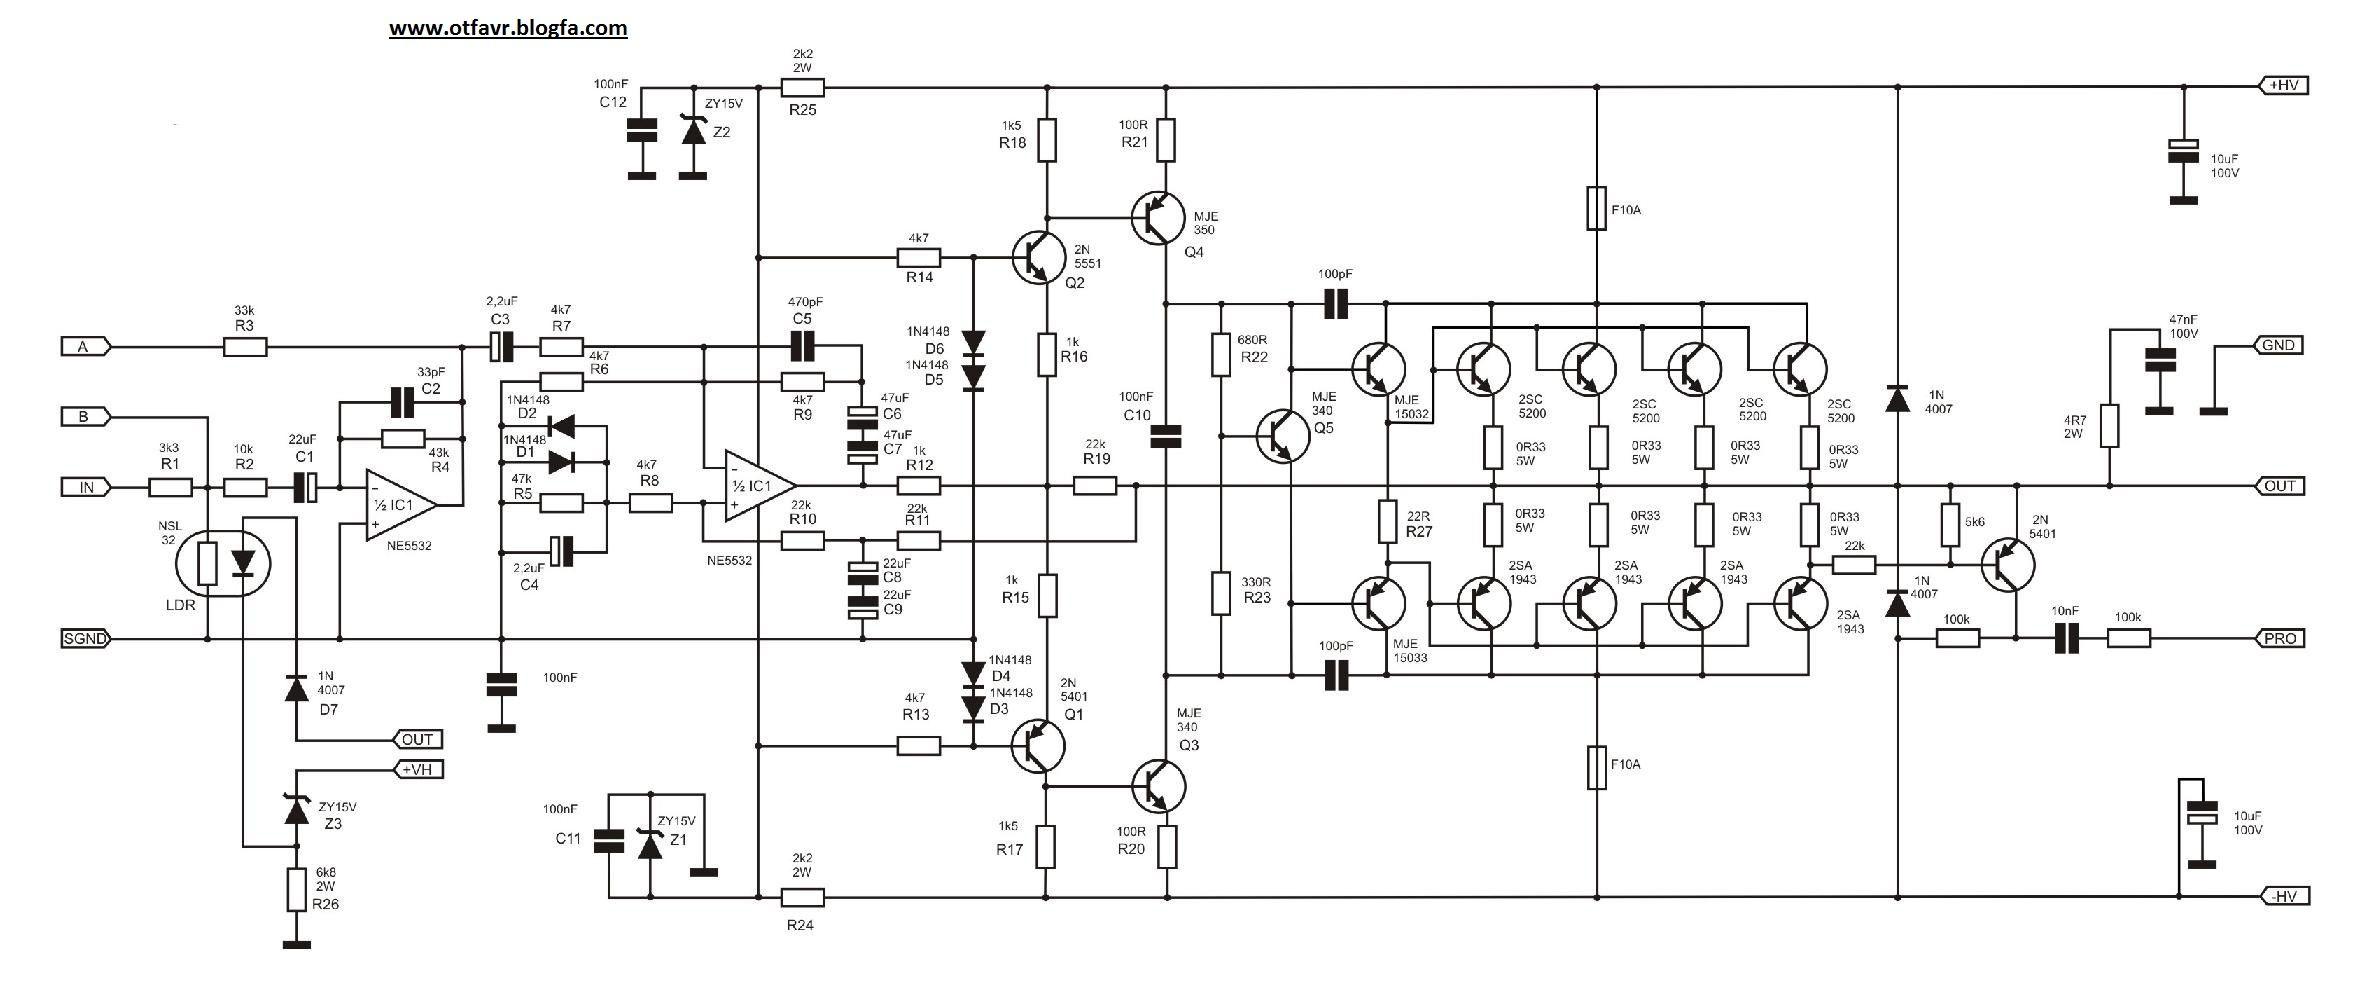 500w Power Amplifier Circuit Diagrams Nodasystech Com Tda2030 40w Diagram